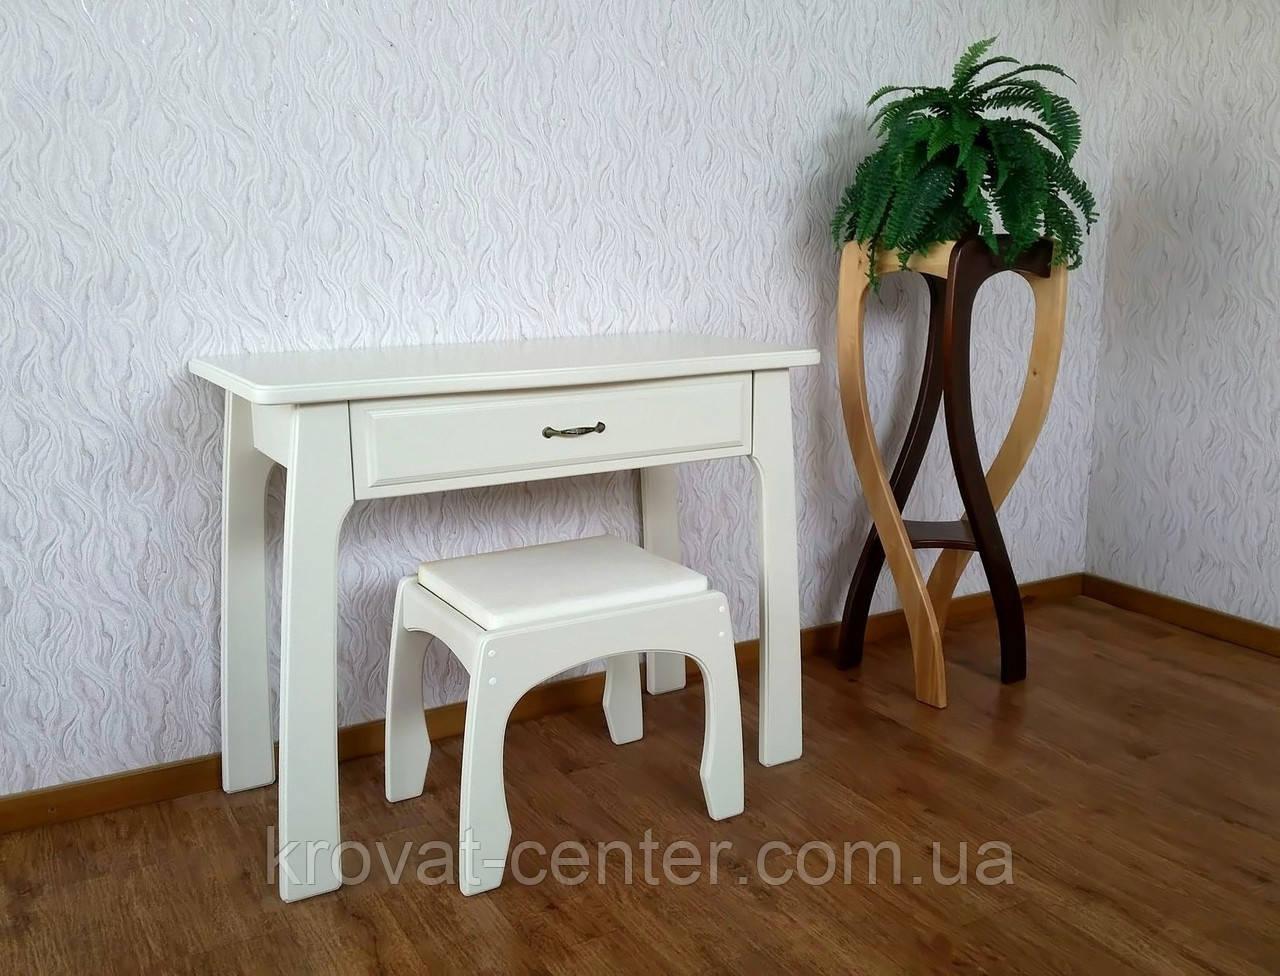 """Белый туалетный столик с пуфиком """"Для королевы"""""""